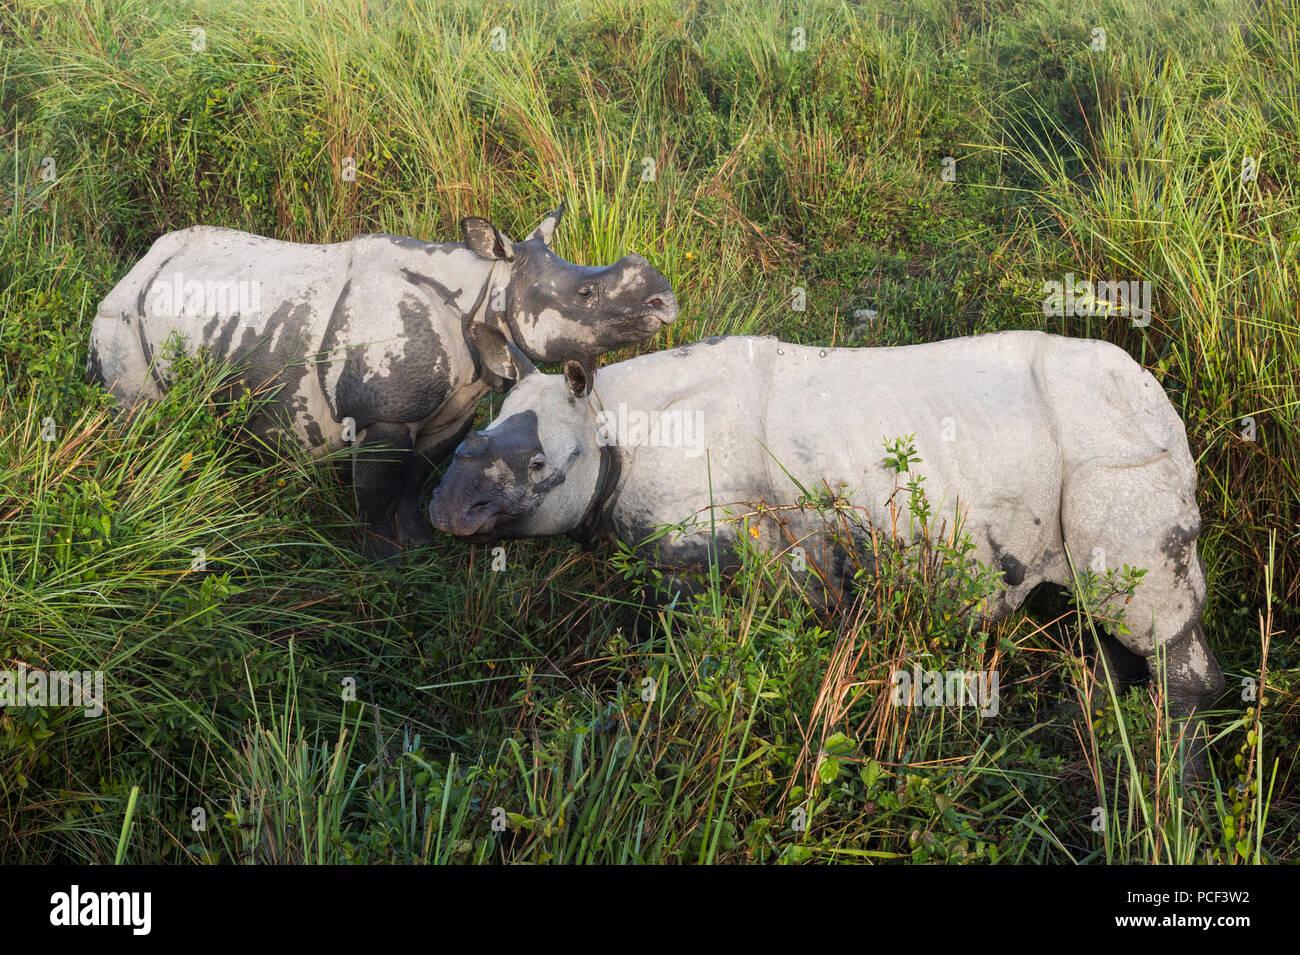 Couple of Indian rhinoceros (Rhinoceros unicornis) in elephant grass, Kaziranga National Park, Assam, India - Stock Image